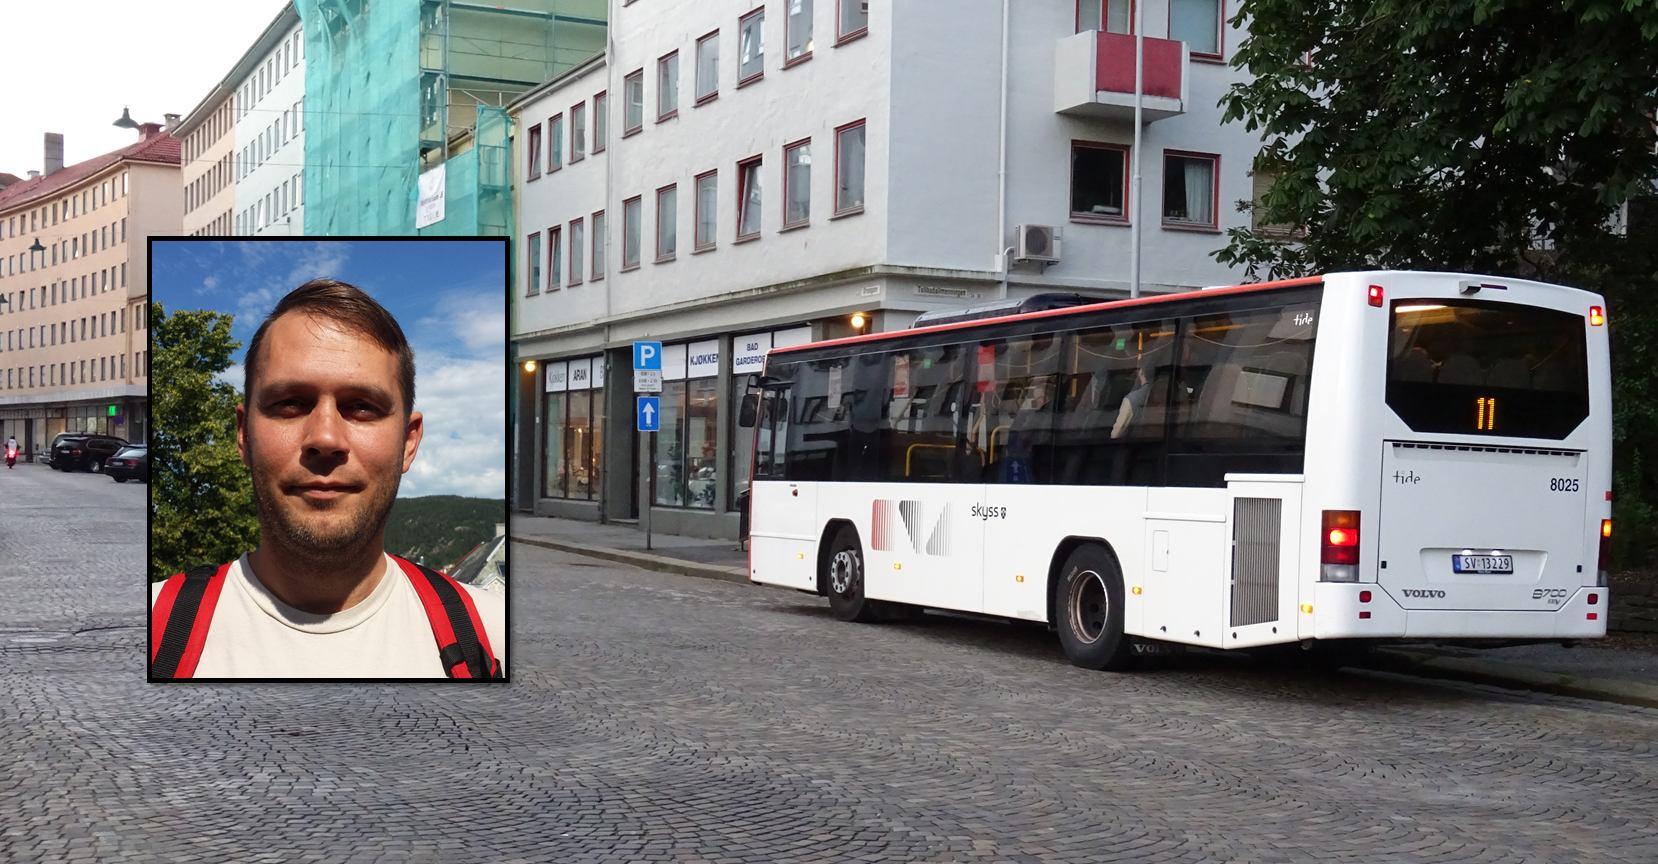 Odd Arild Viste fra Rødt mener 11-bussen går for sjelden og vil ha gratis shuttlebuss til Nordnes. Foto: Eva Johansen